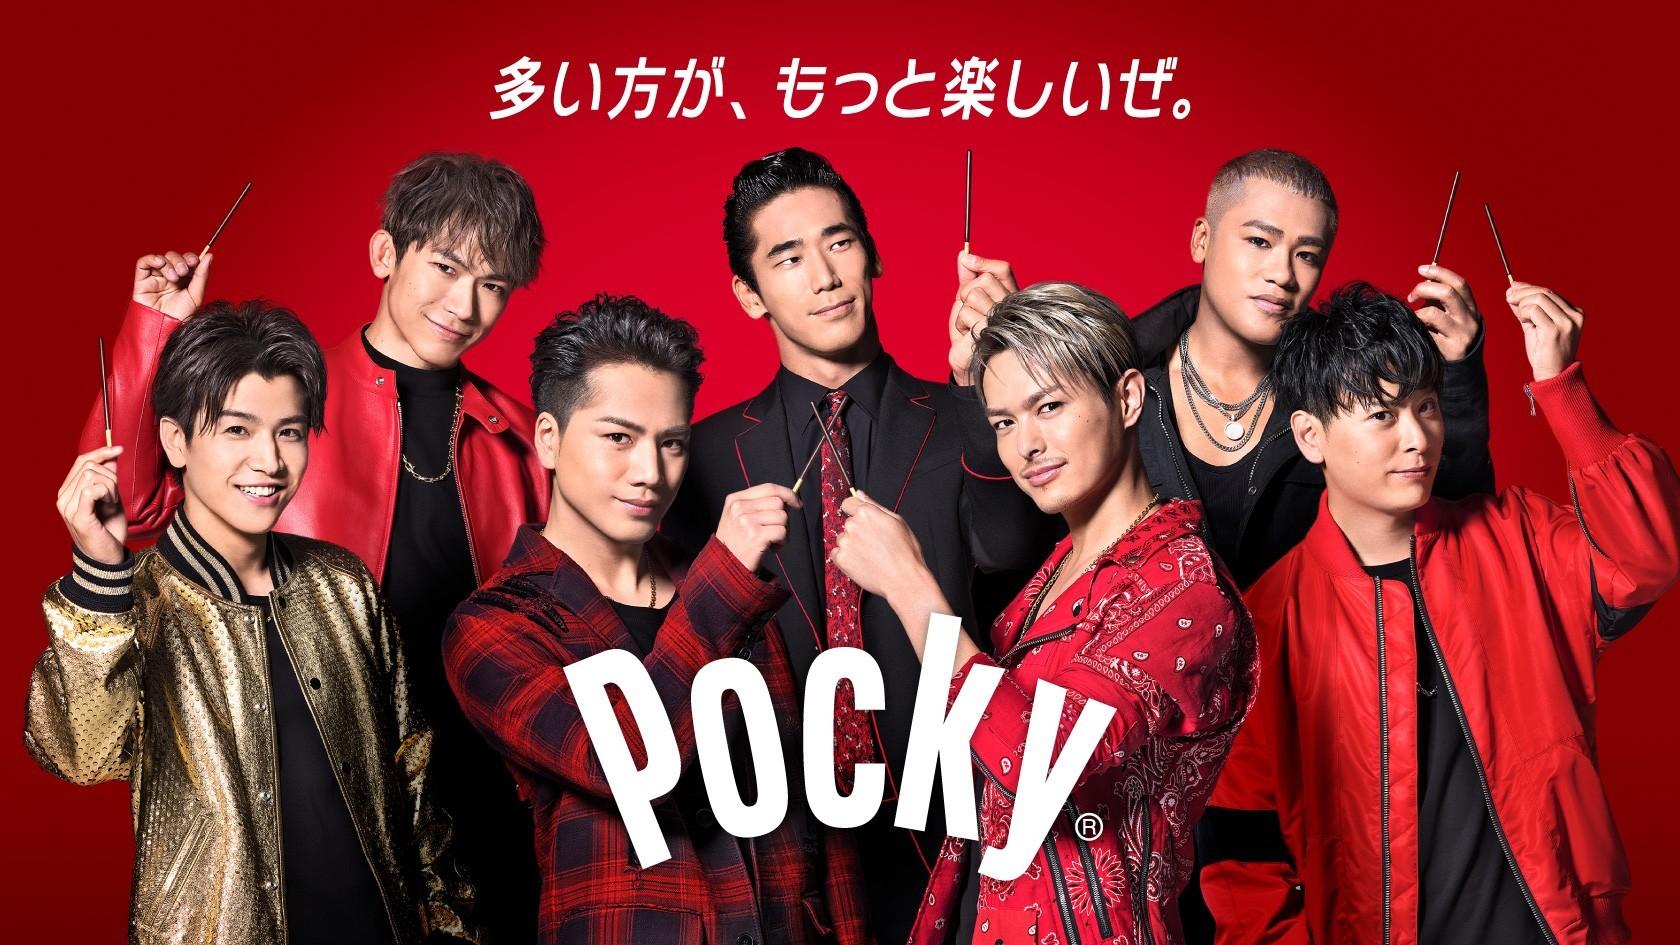 POCKY(ポッキーチョコレート)